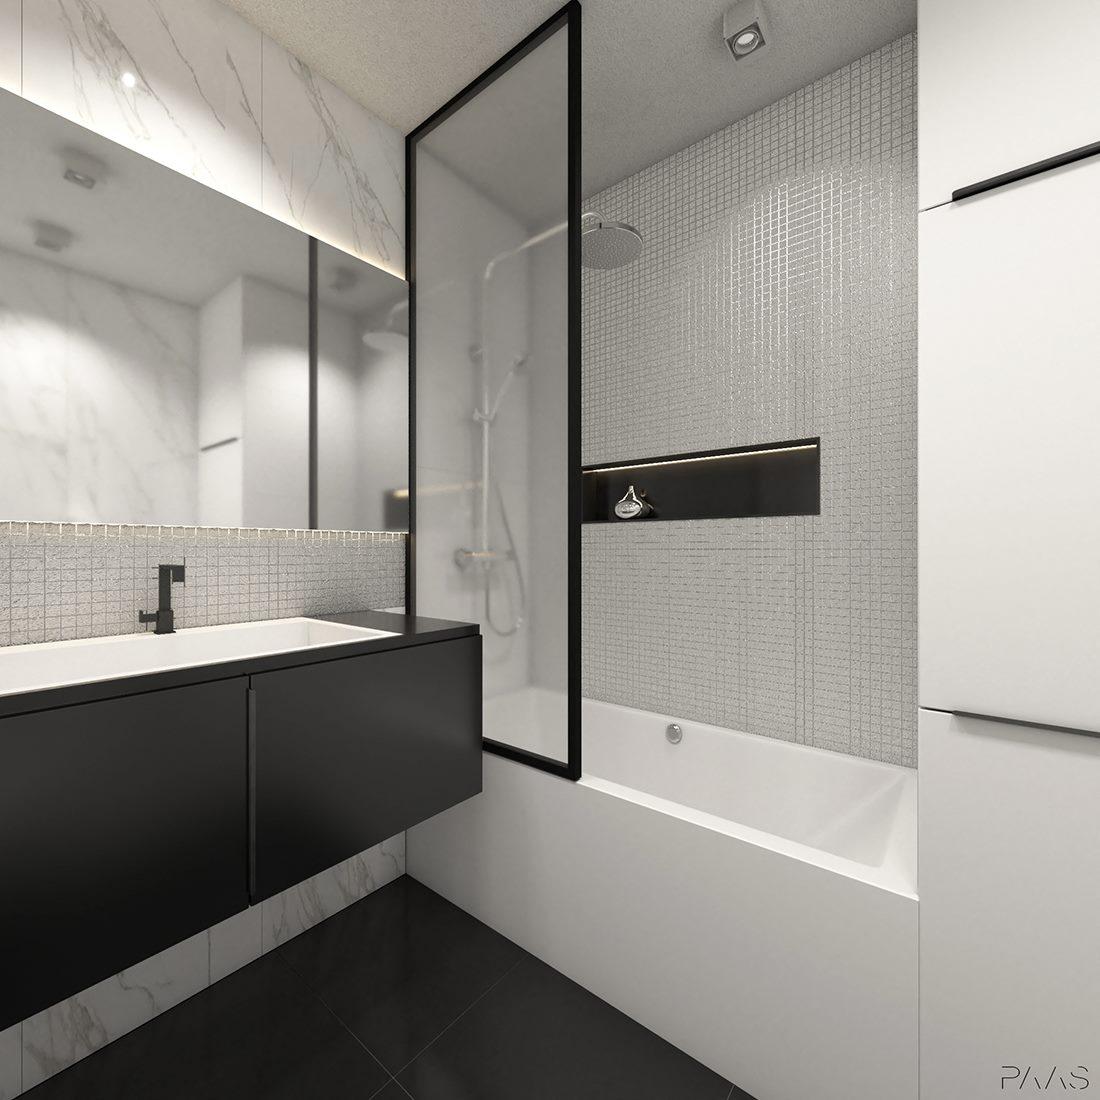 czarno-biała łazienka projekt